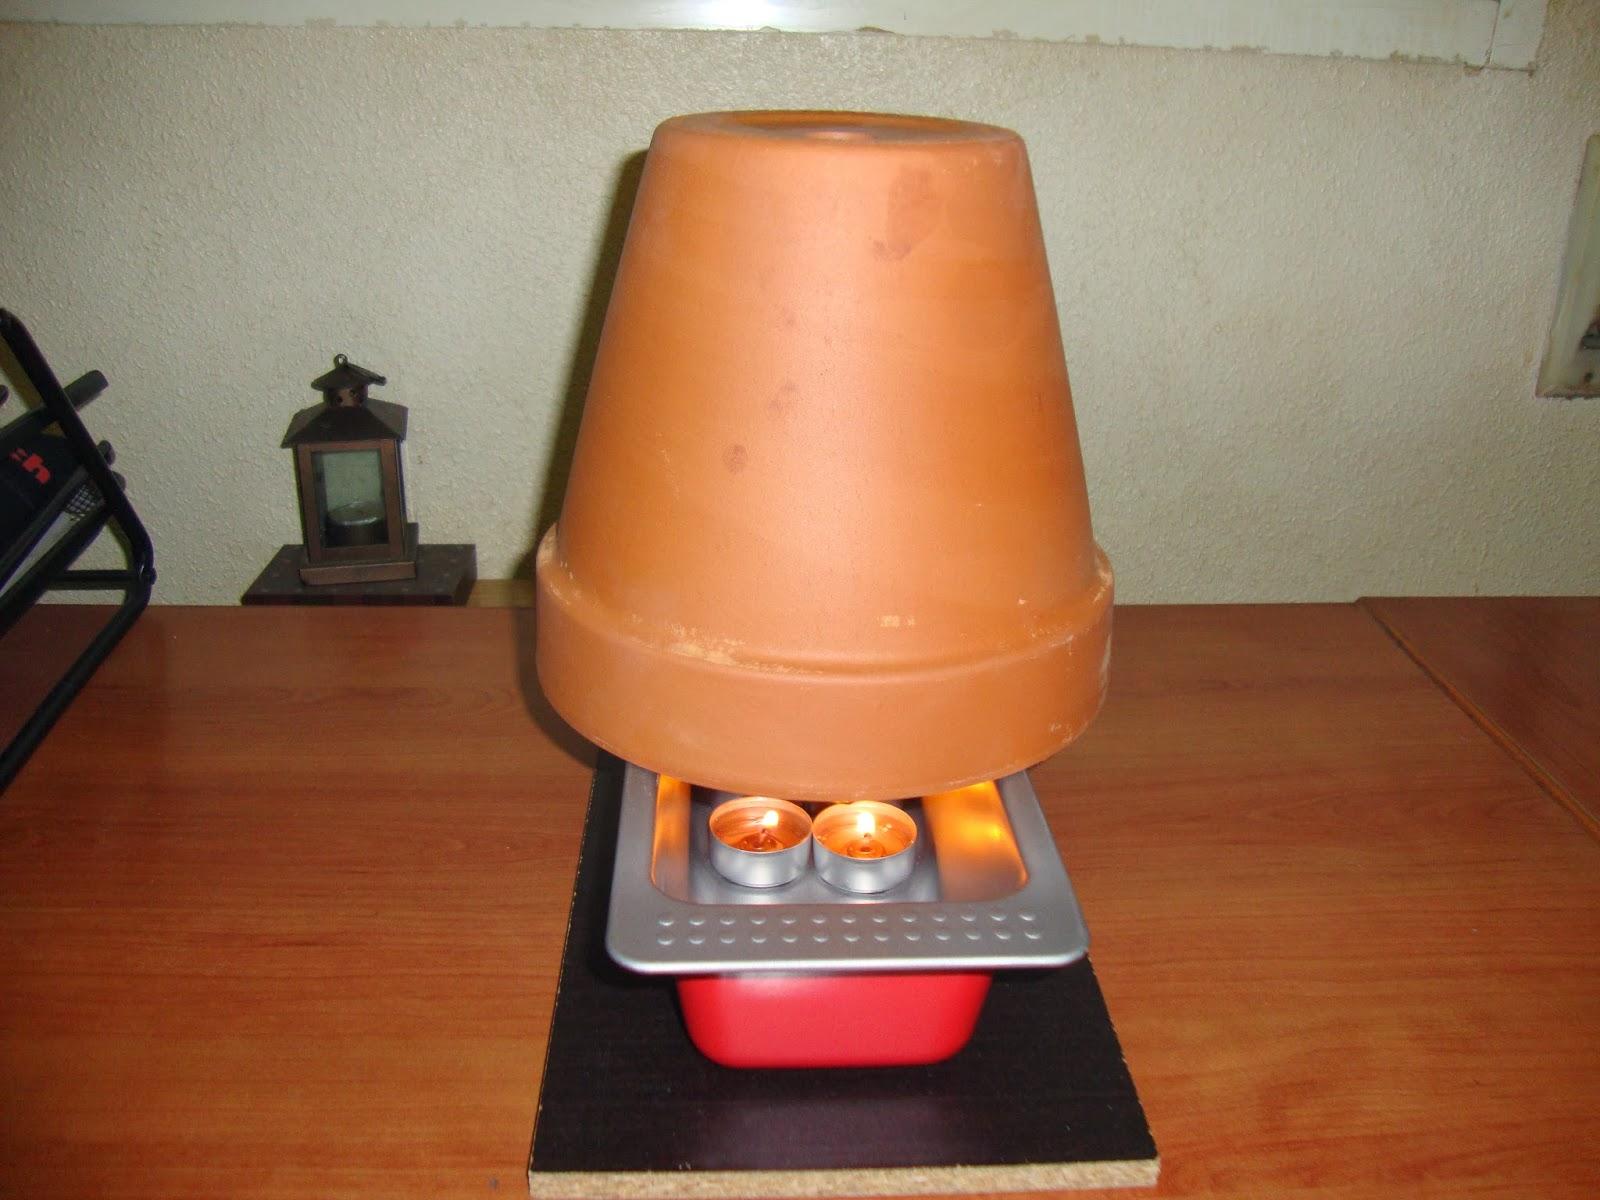 Ciencia inventos y experimentos en casa calefacci n o - Cual es la calefaccion mas economica ...